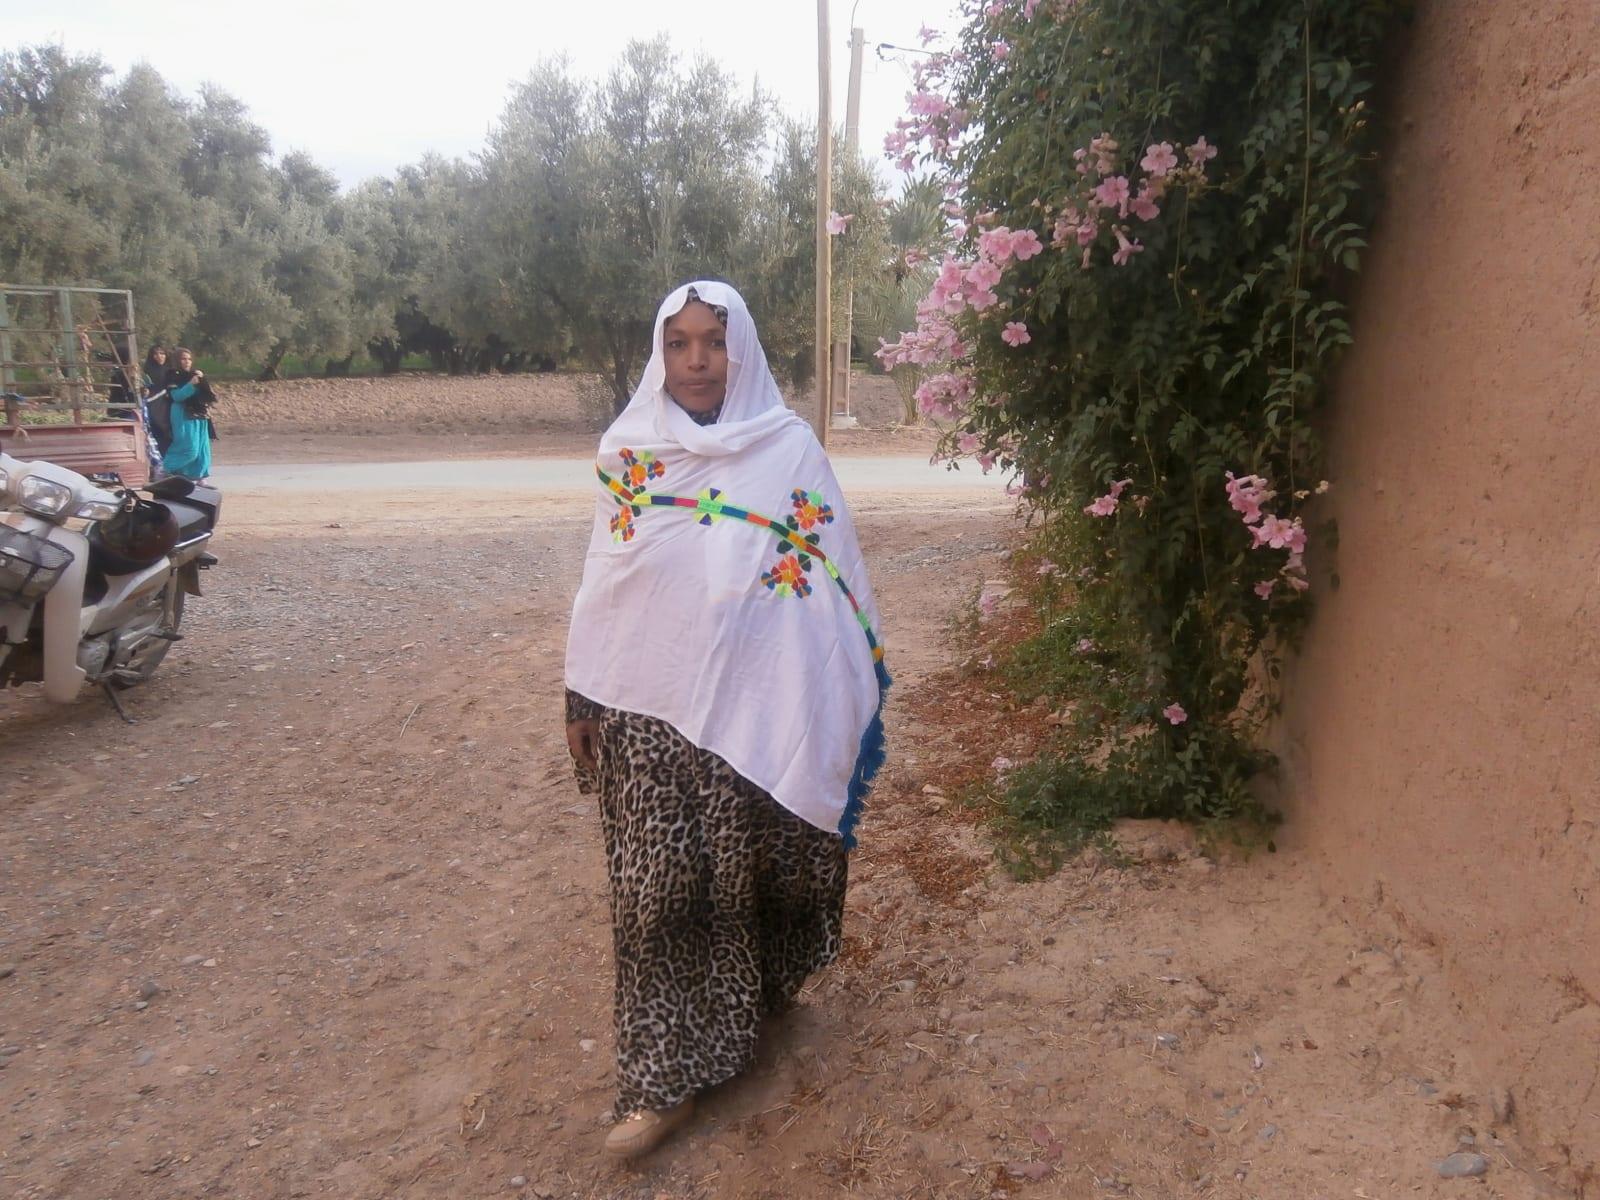 Tahrouit